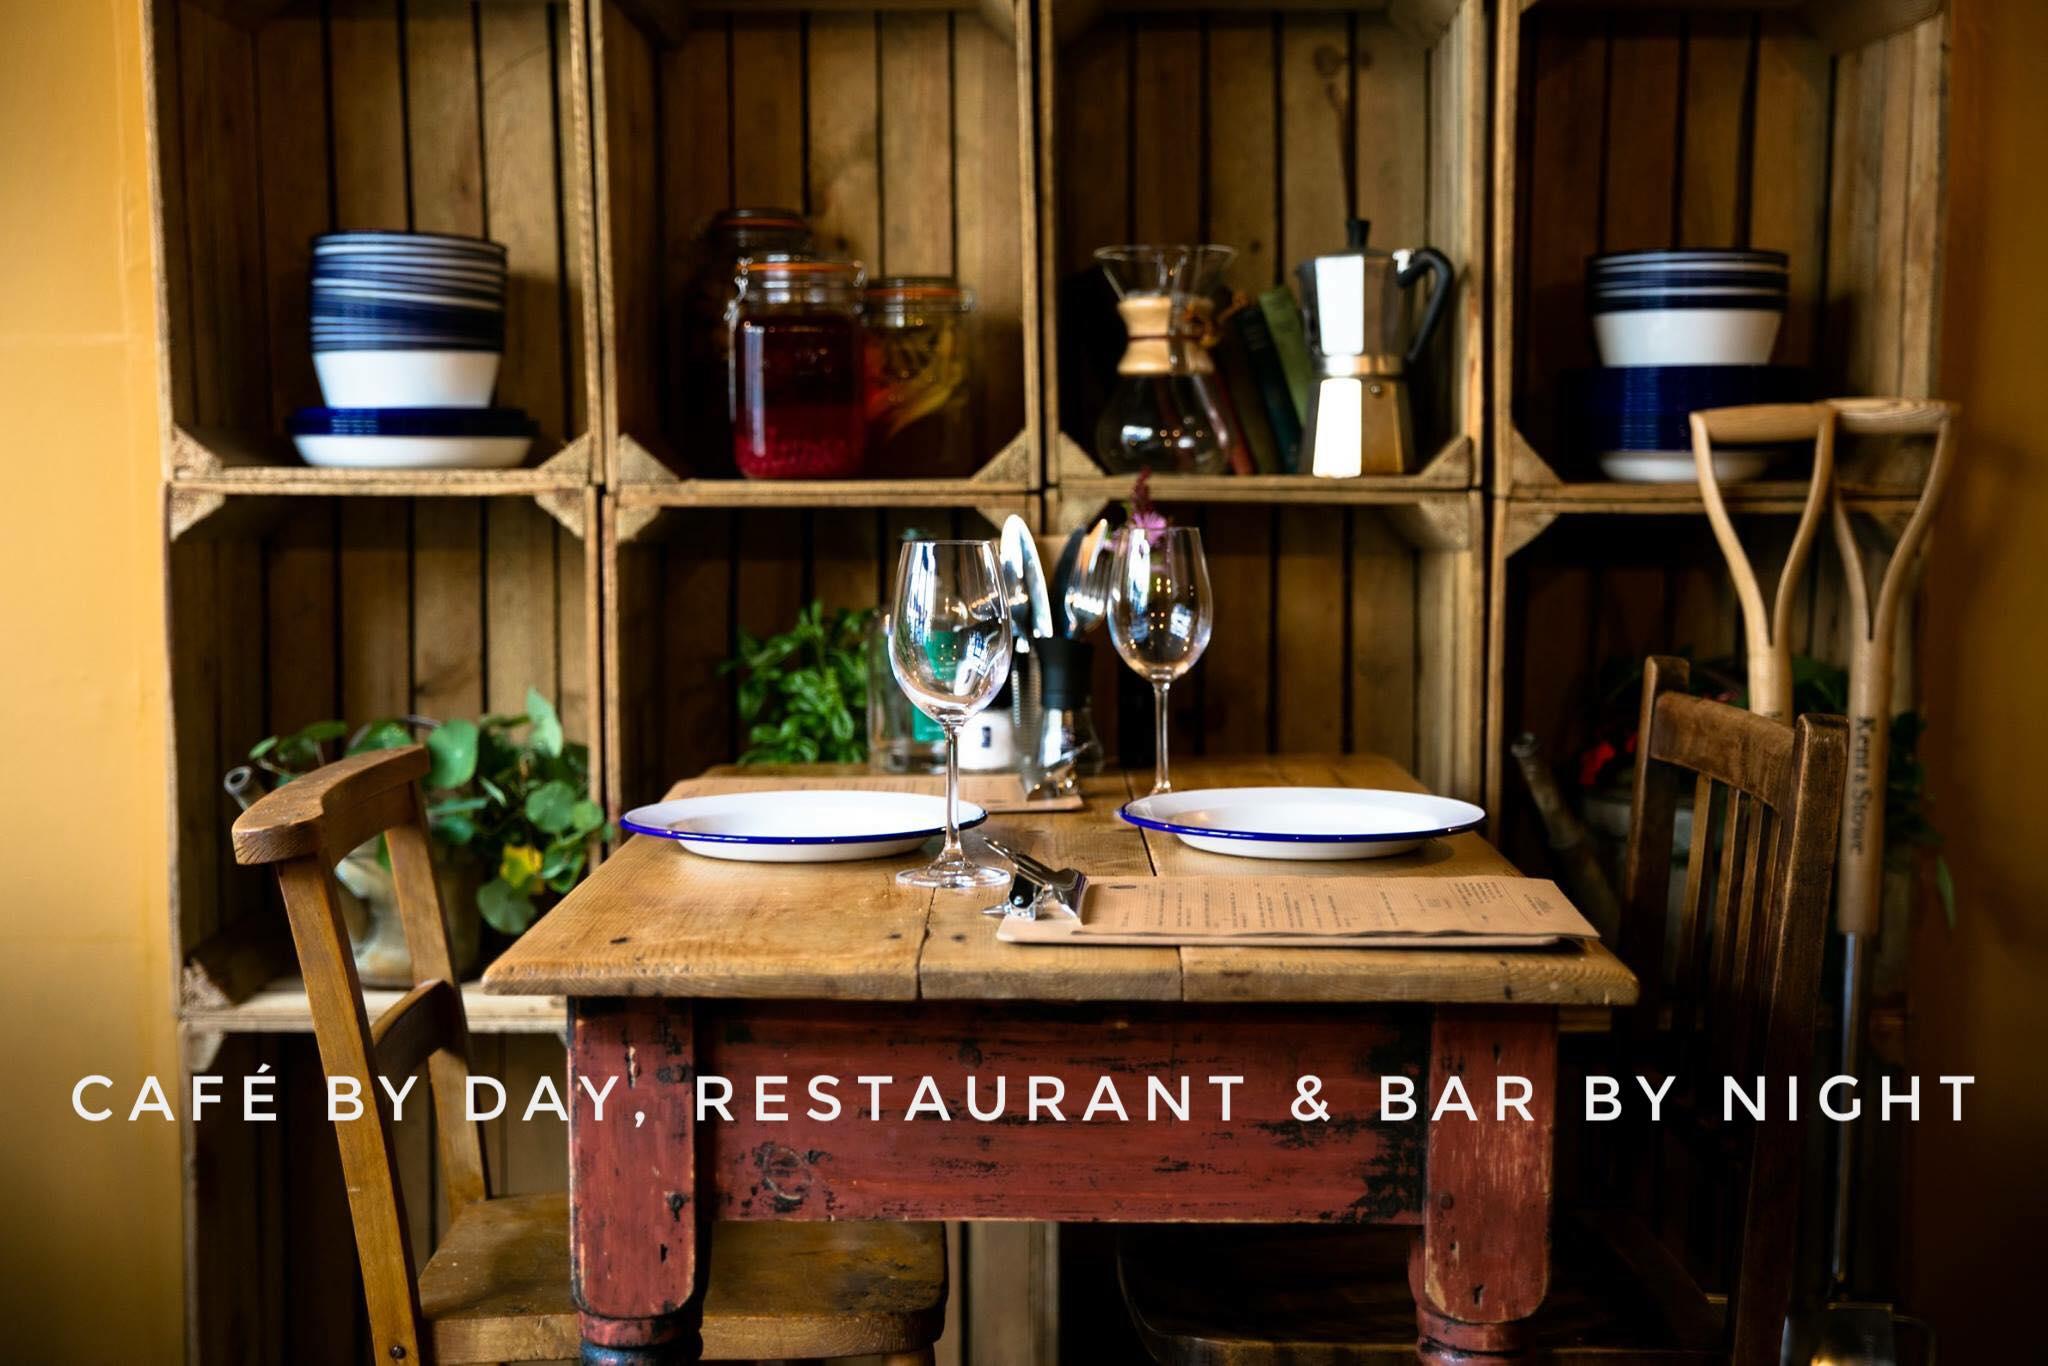 The Warren restaurant, bar and café11 Mansel St,Carmarthen, SA311PXOpening Hours:Tue: 9am – 4pmWed: 9am – 4pmThur: 9am – 10pmFri: 9am – 10pmSat: 9am – 10pmSun: 9am – 4pm -